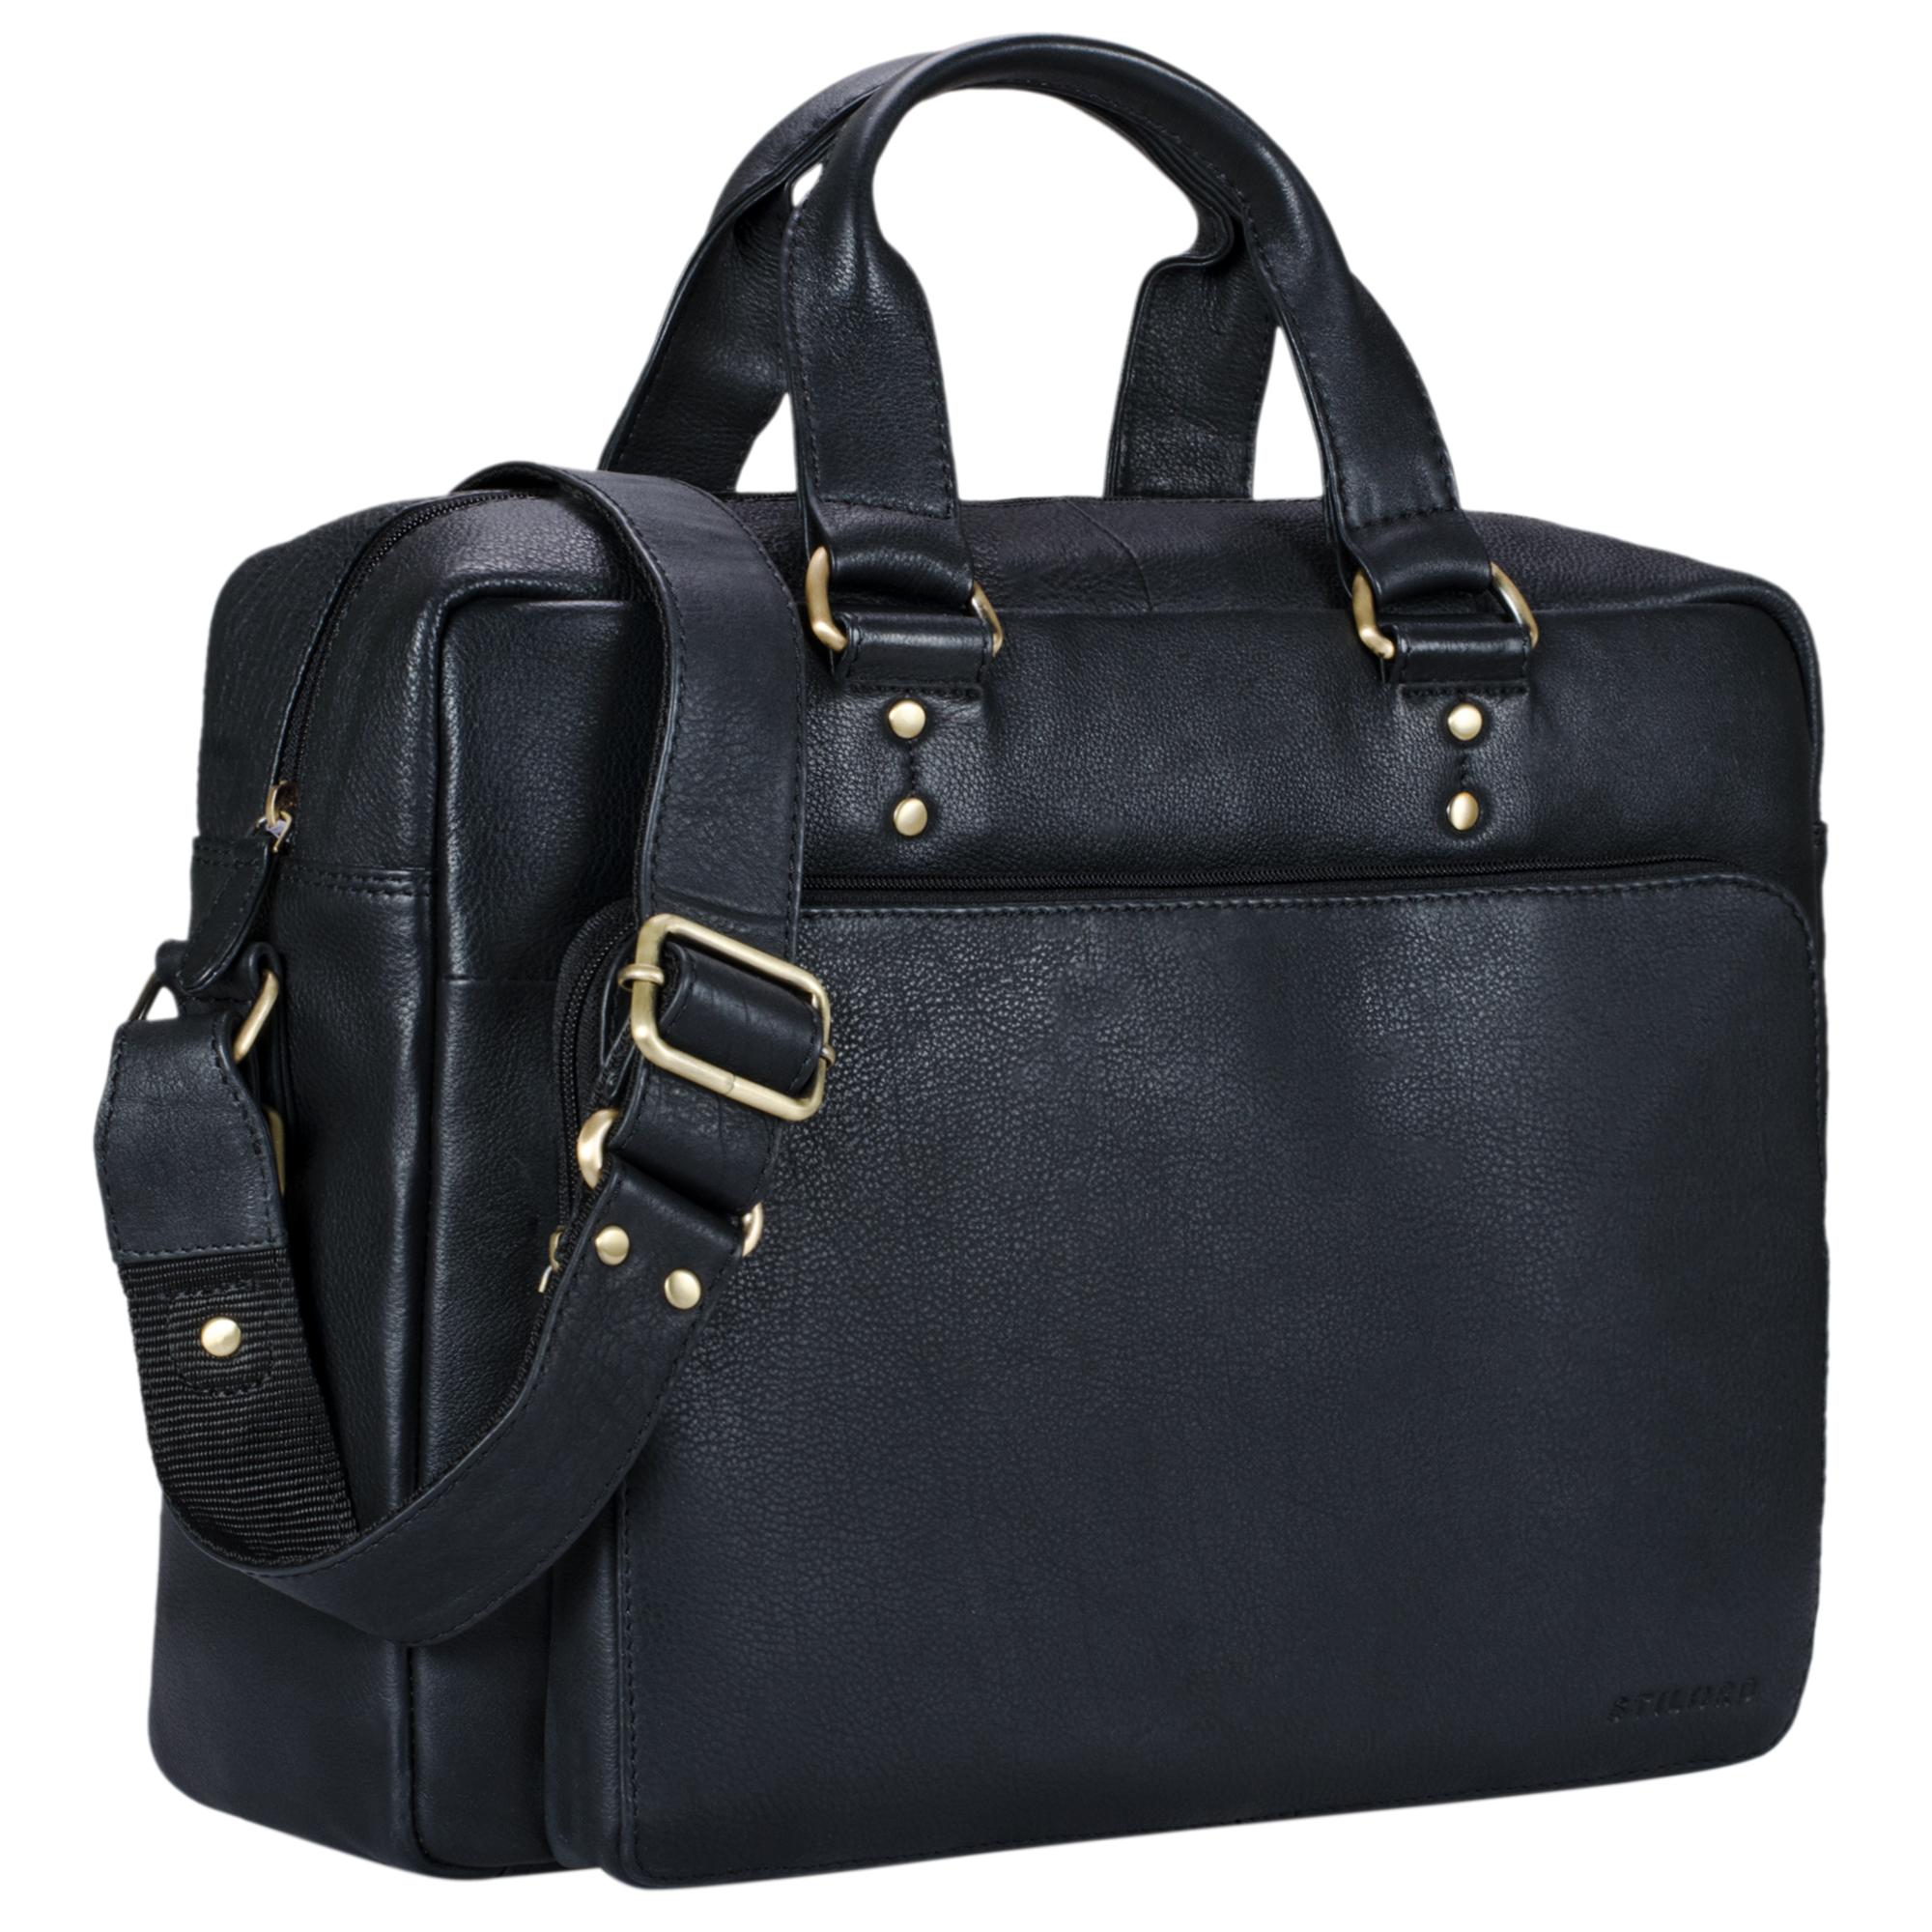 """STILORD """"Joshua"""" Vintage Businesstasche Leder groß Herren Laptoptasche 13.3 Zoll Bürotasche Aktentasche Dokumententasche Umhängetasche echtes Rinds-Leder - Bild 11"""